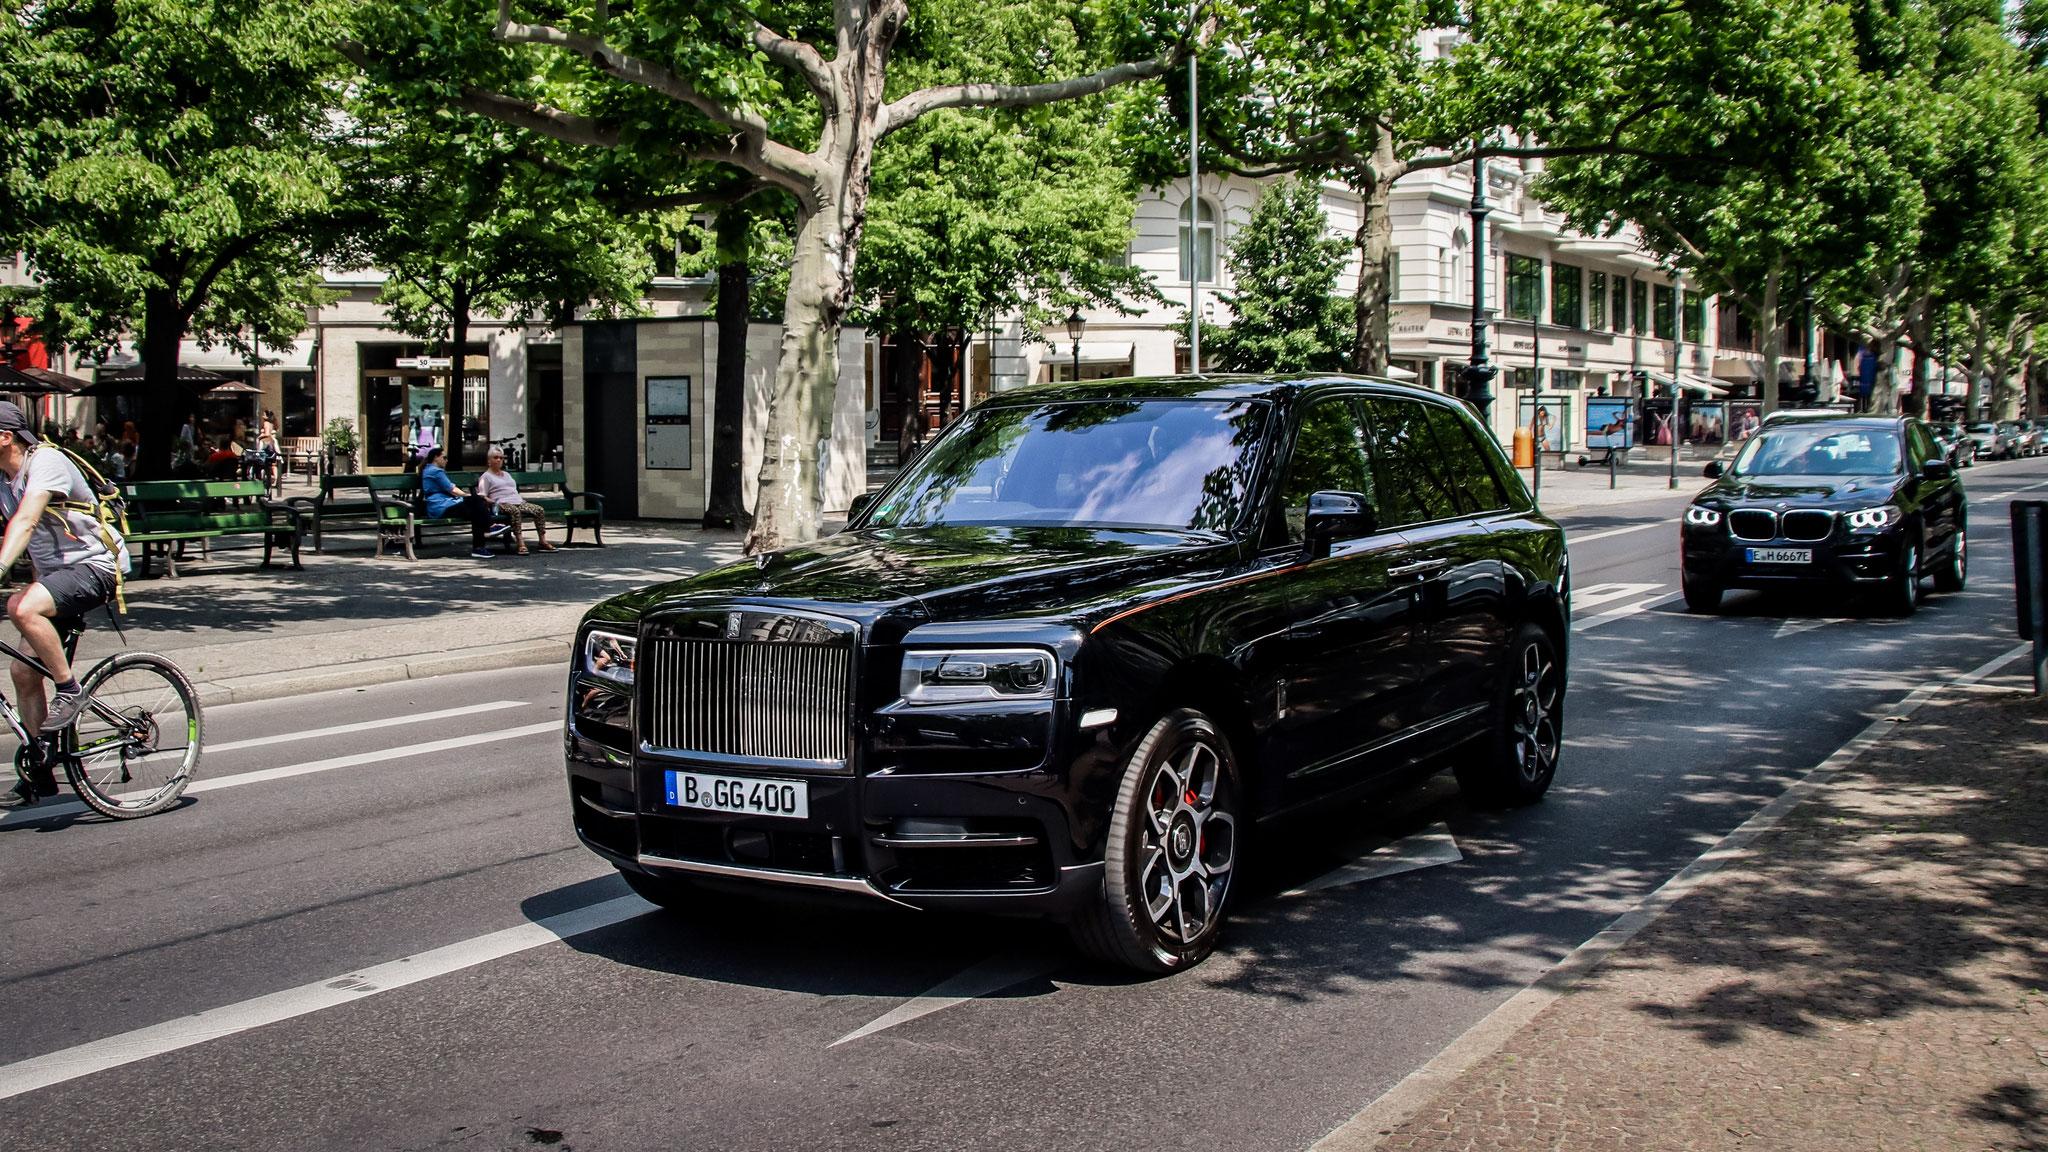 Rolls Royce Cullinan - B-GG-400